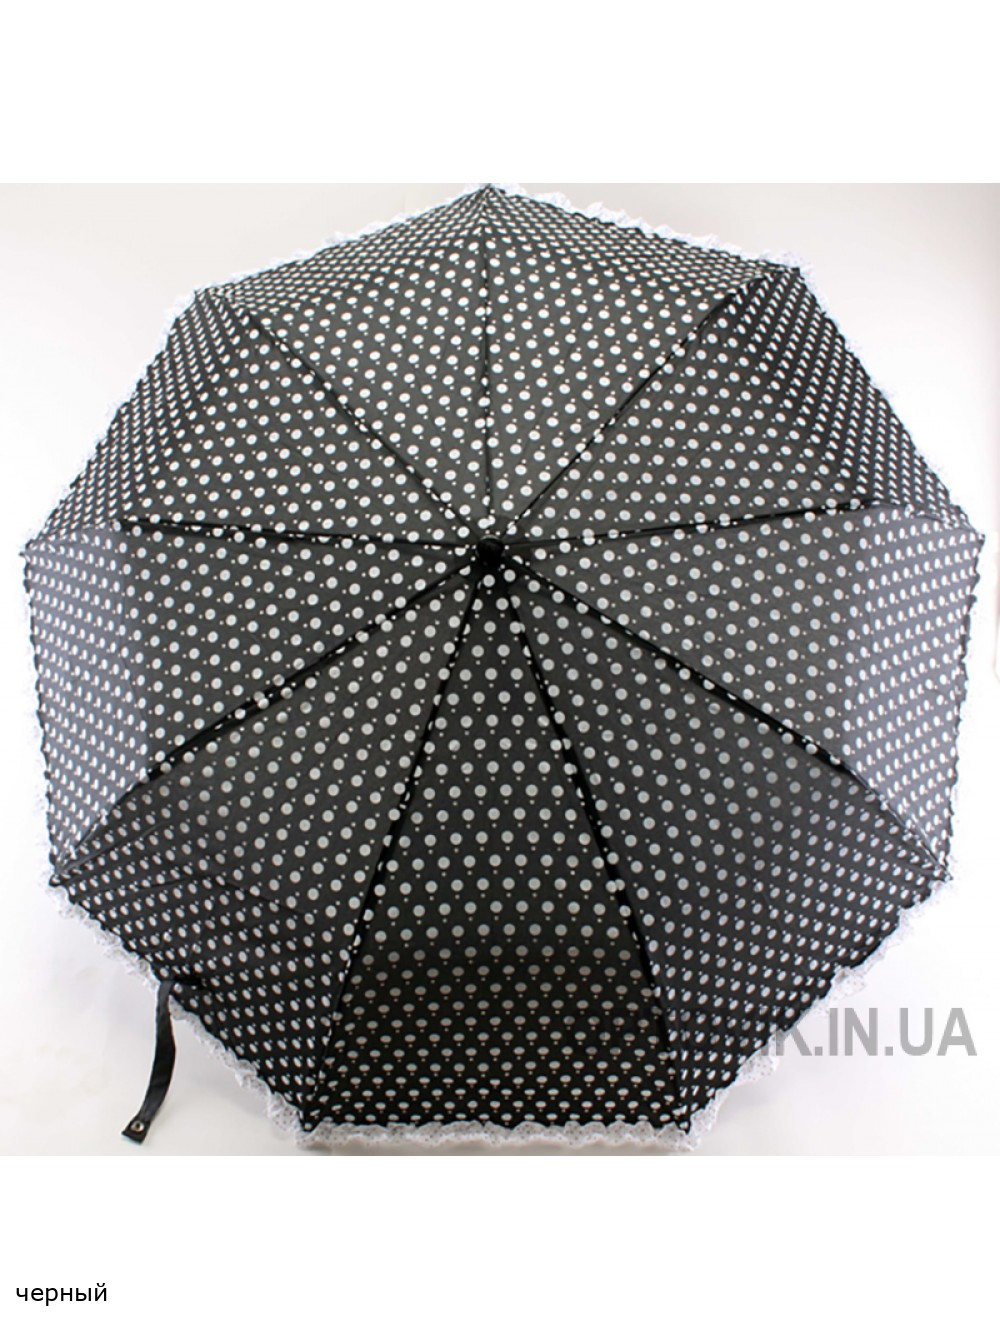 Зонт-Pa02957pe-100